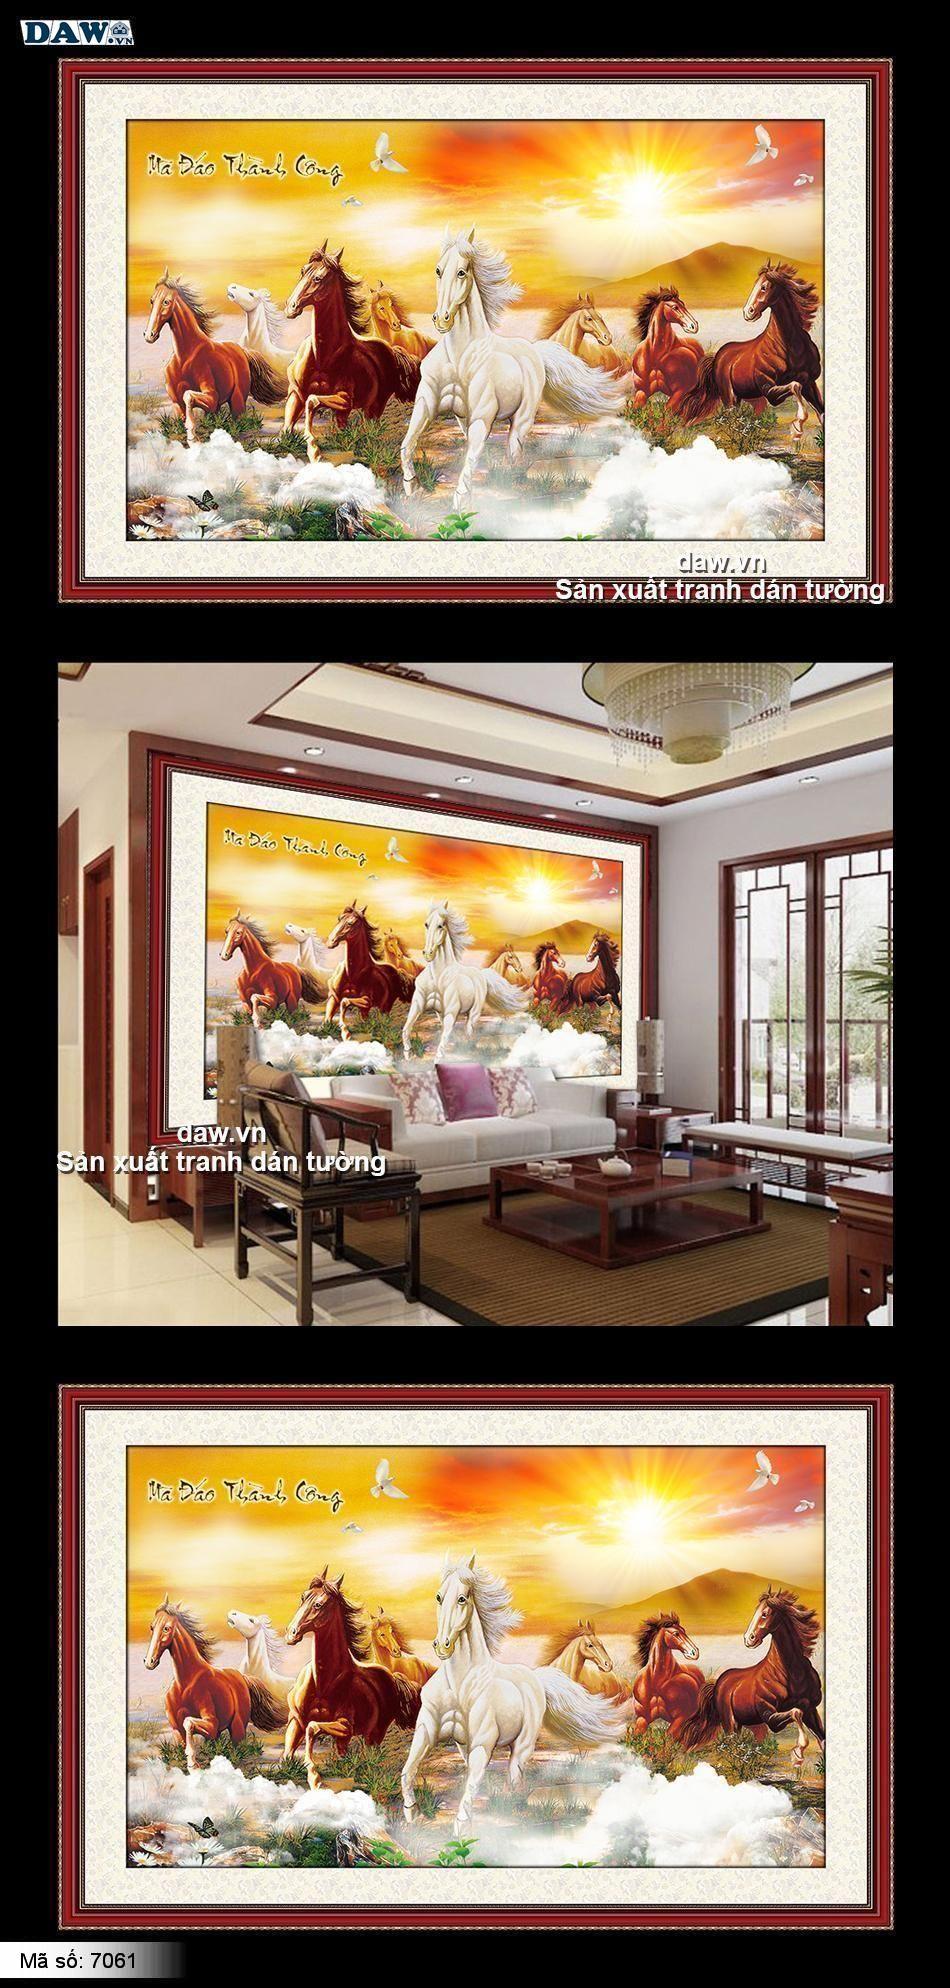 Tranh bát mã, Tranh tường ngựa, tranh thủy mặc, tranh mã đáo thành công, 8 tám con ngựa, tranh vẽ 7061